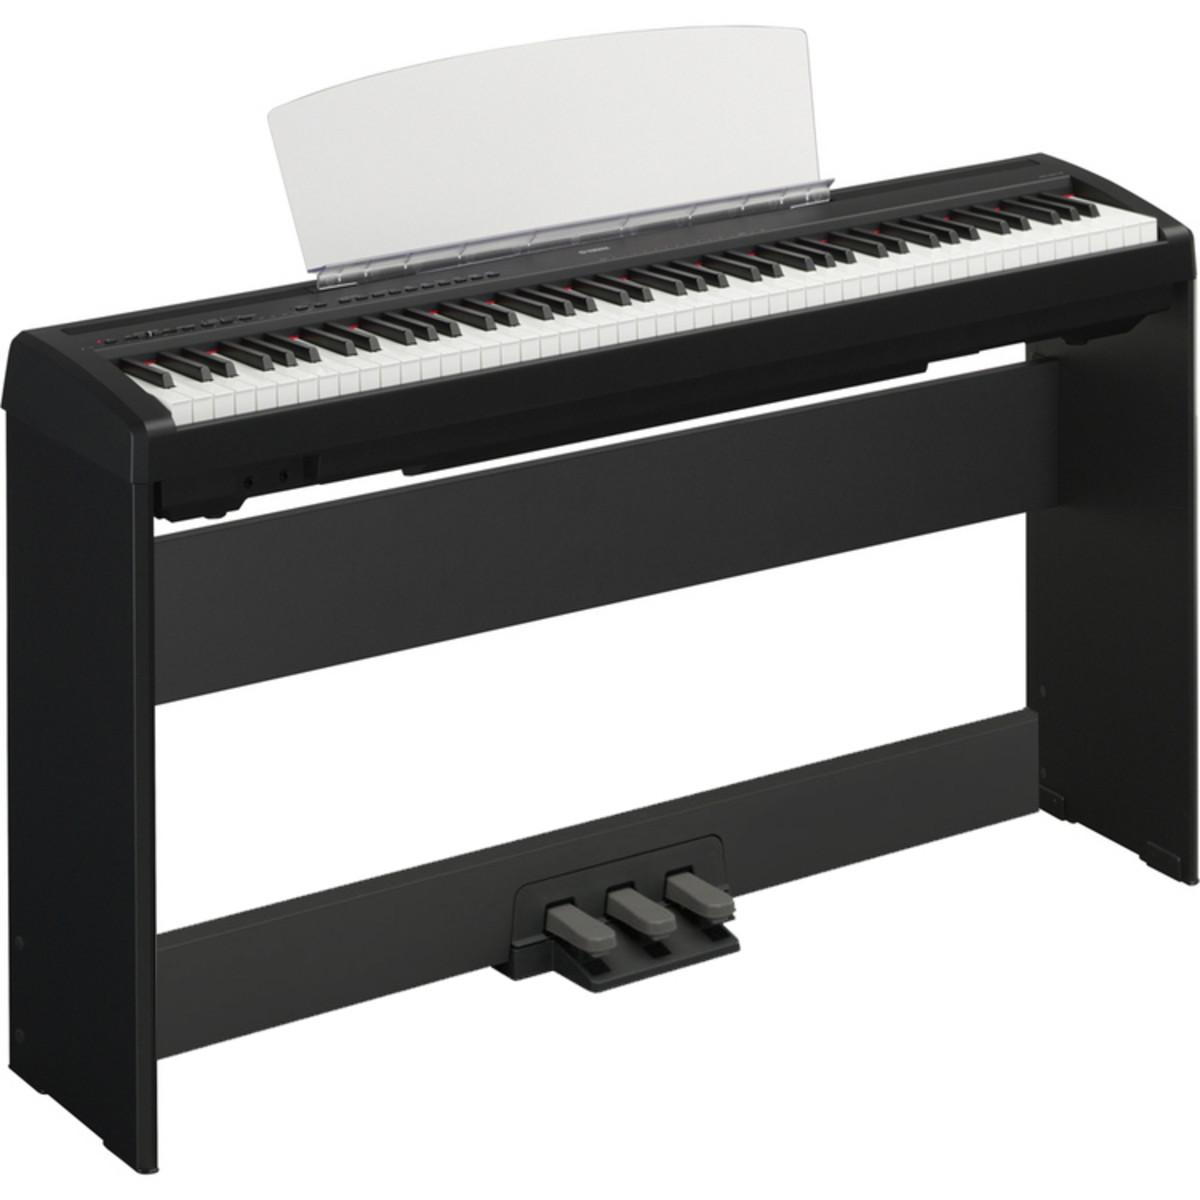 piano digital yamaha p 95 soporte y pedalera negro en. Black Bedroom Furniture Sets. Home Design Ideas